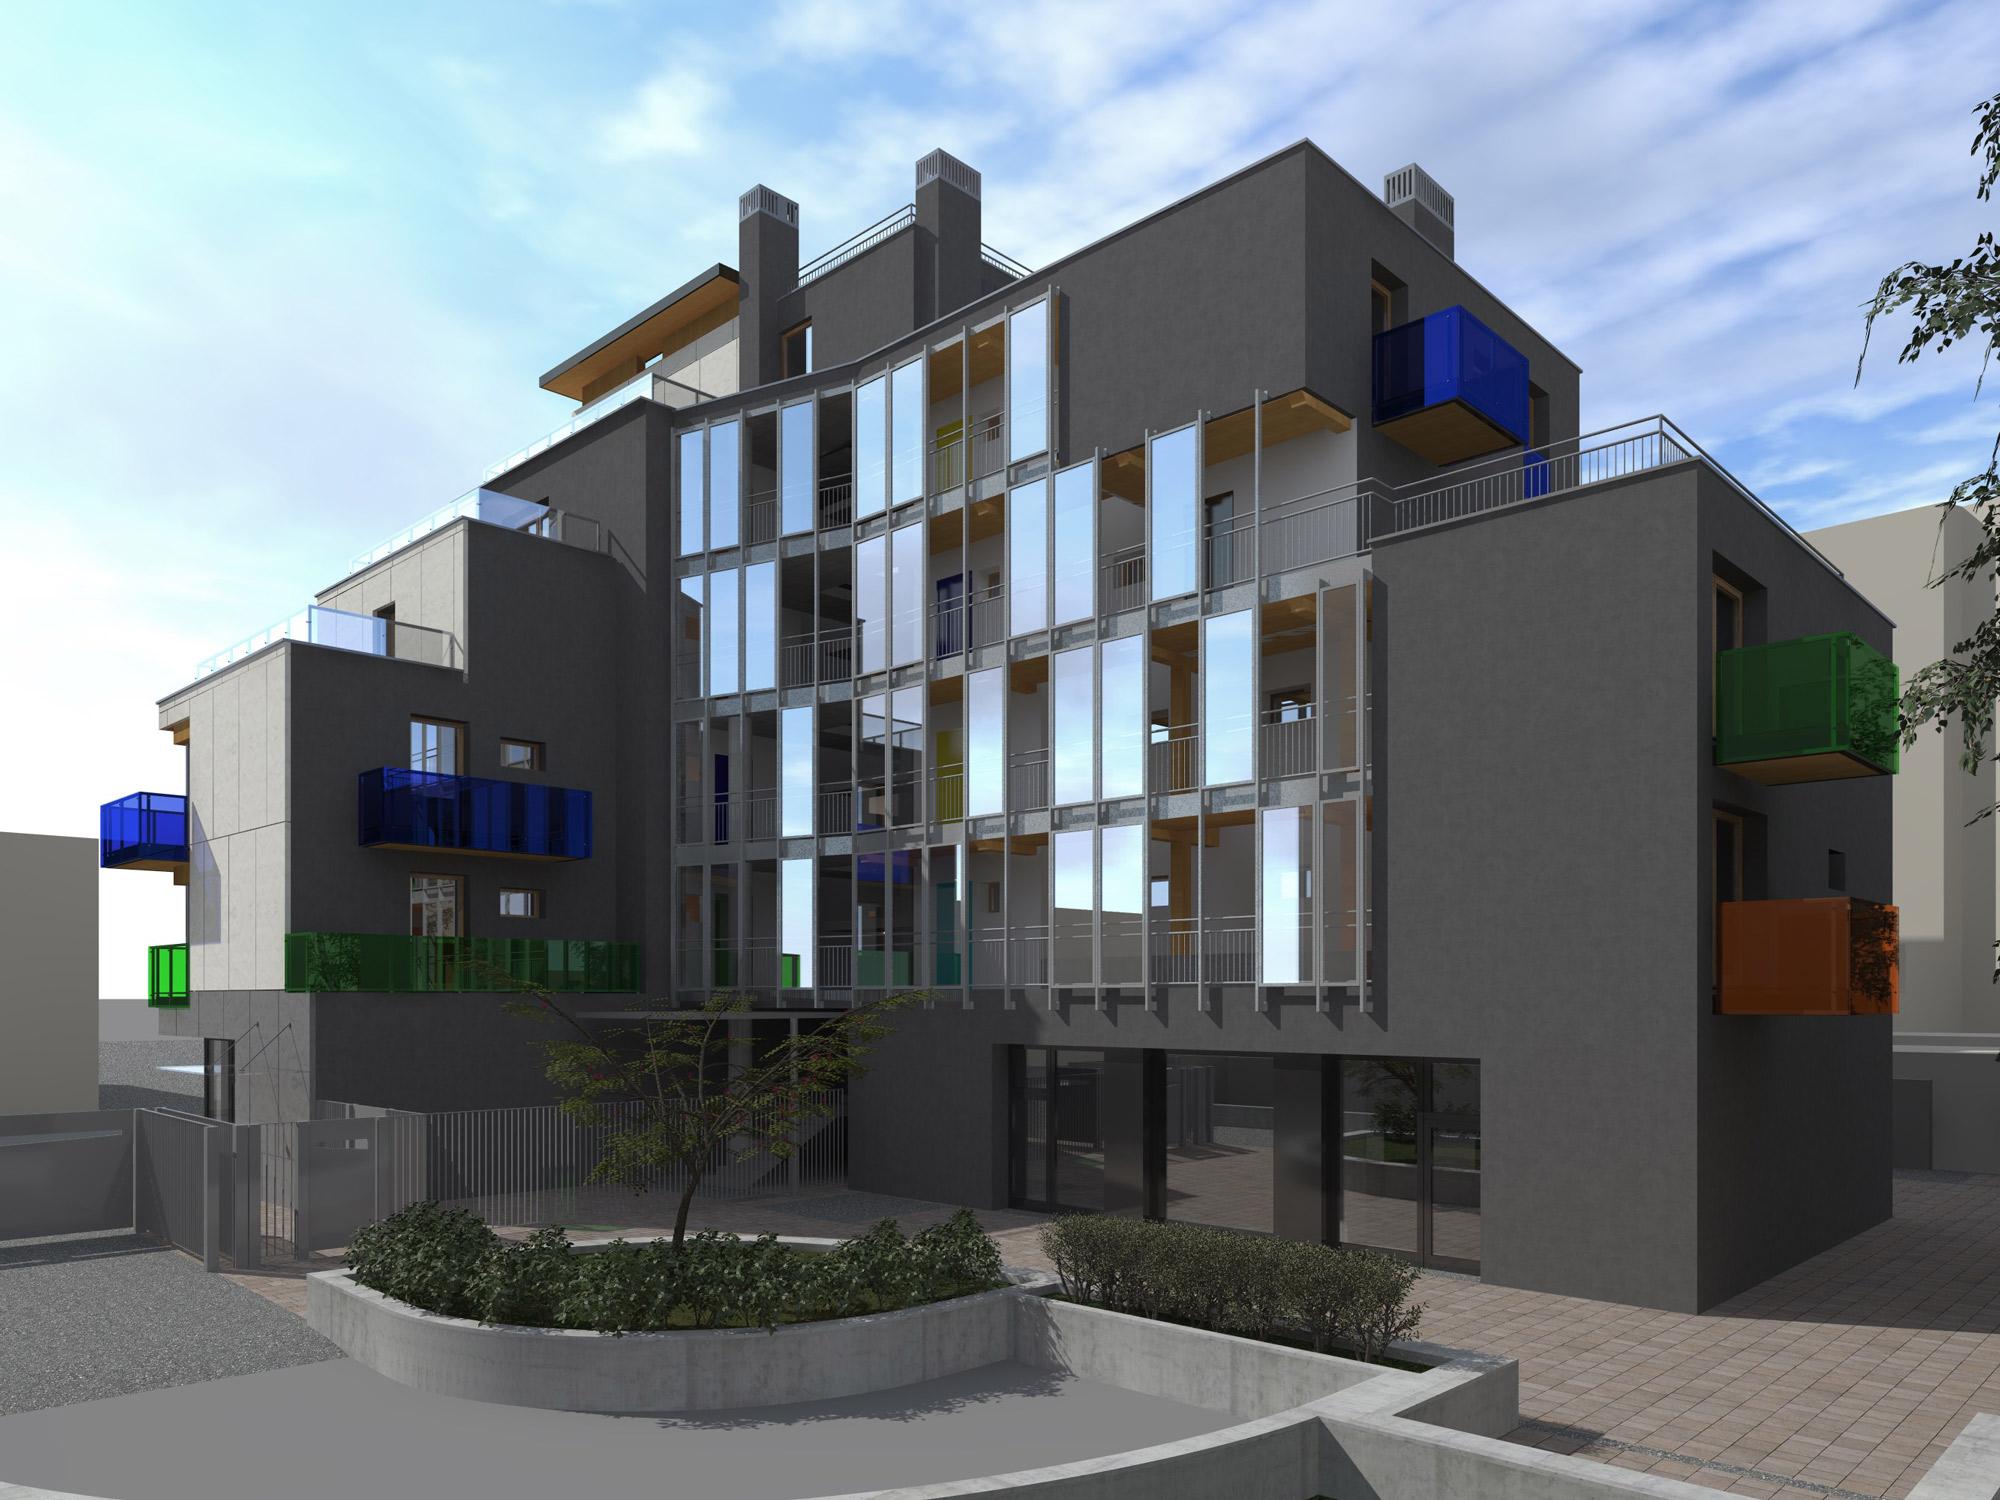 Fondazione Morzenti promotes new social housing project